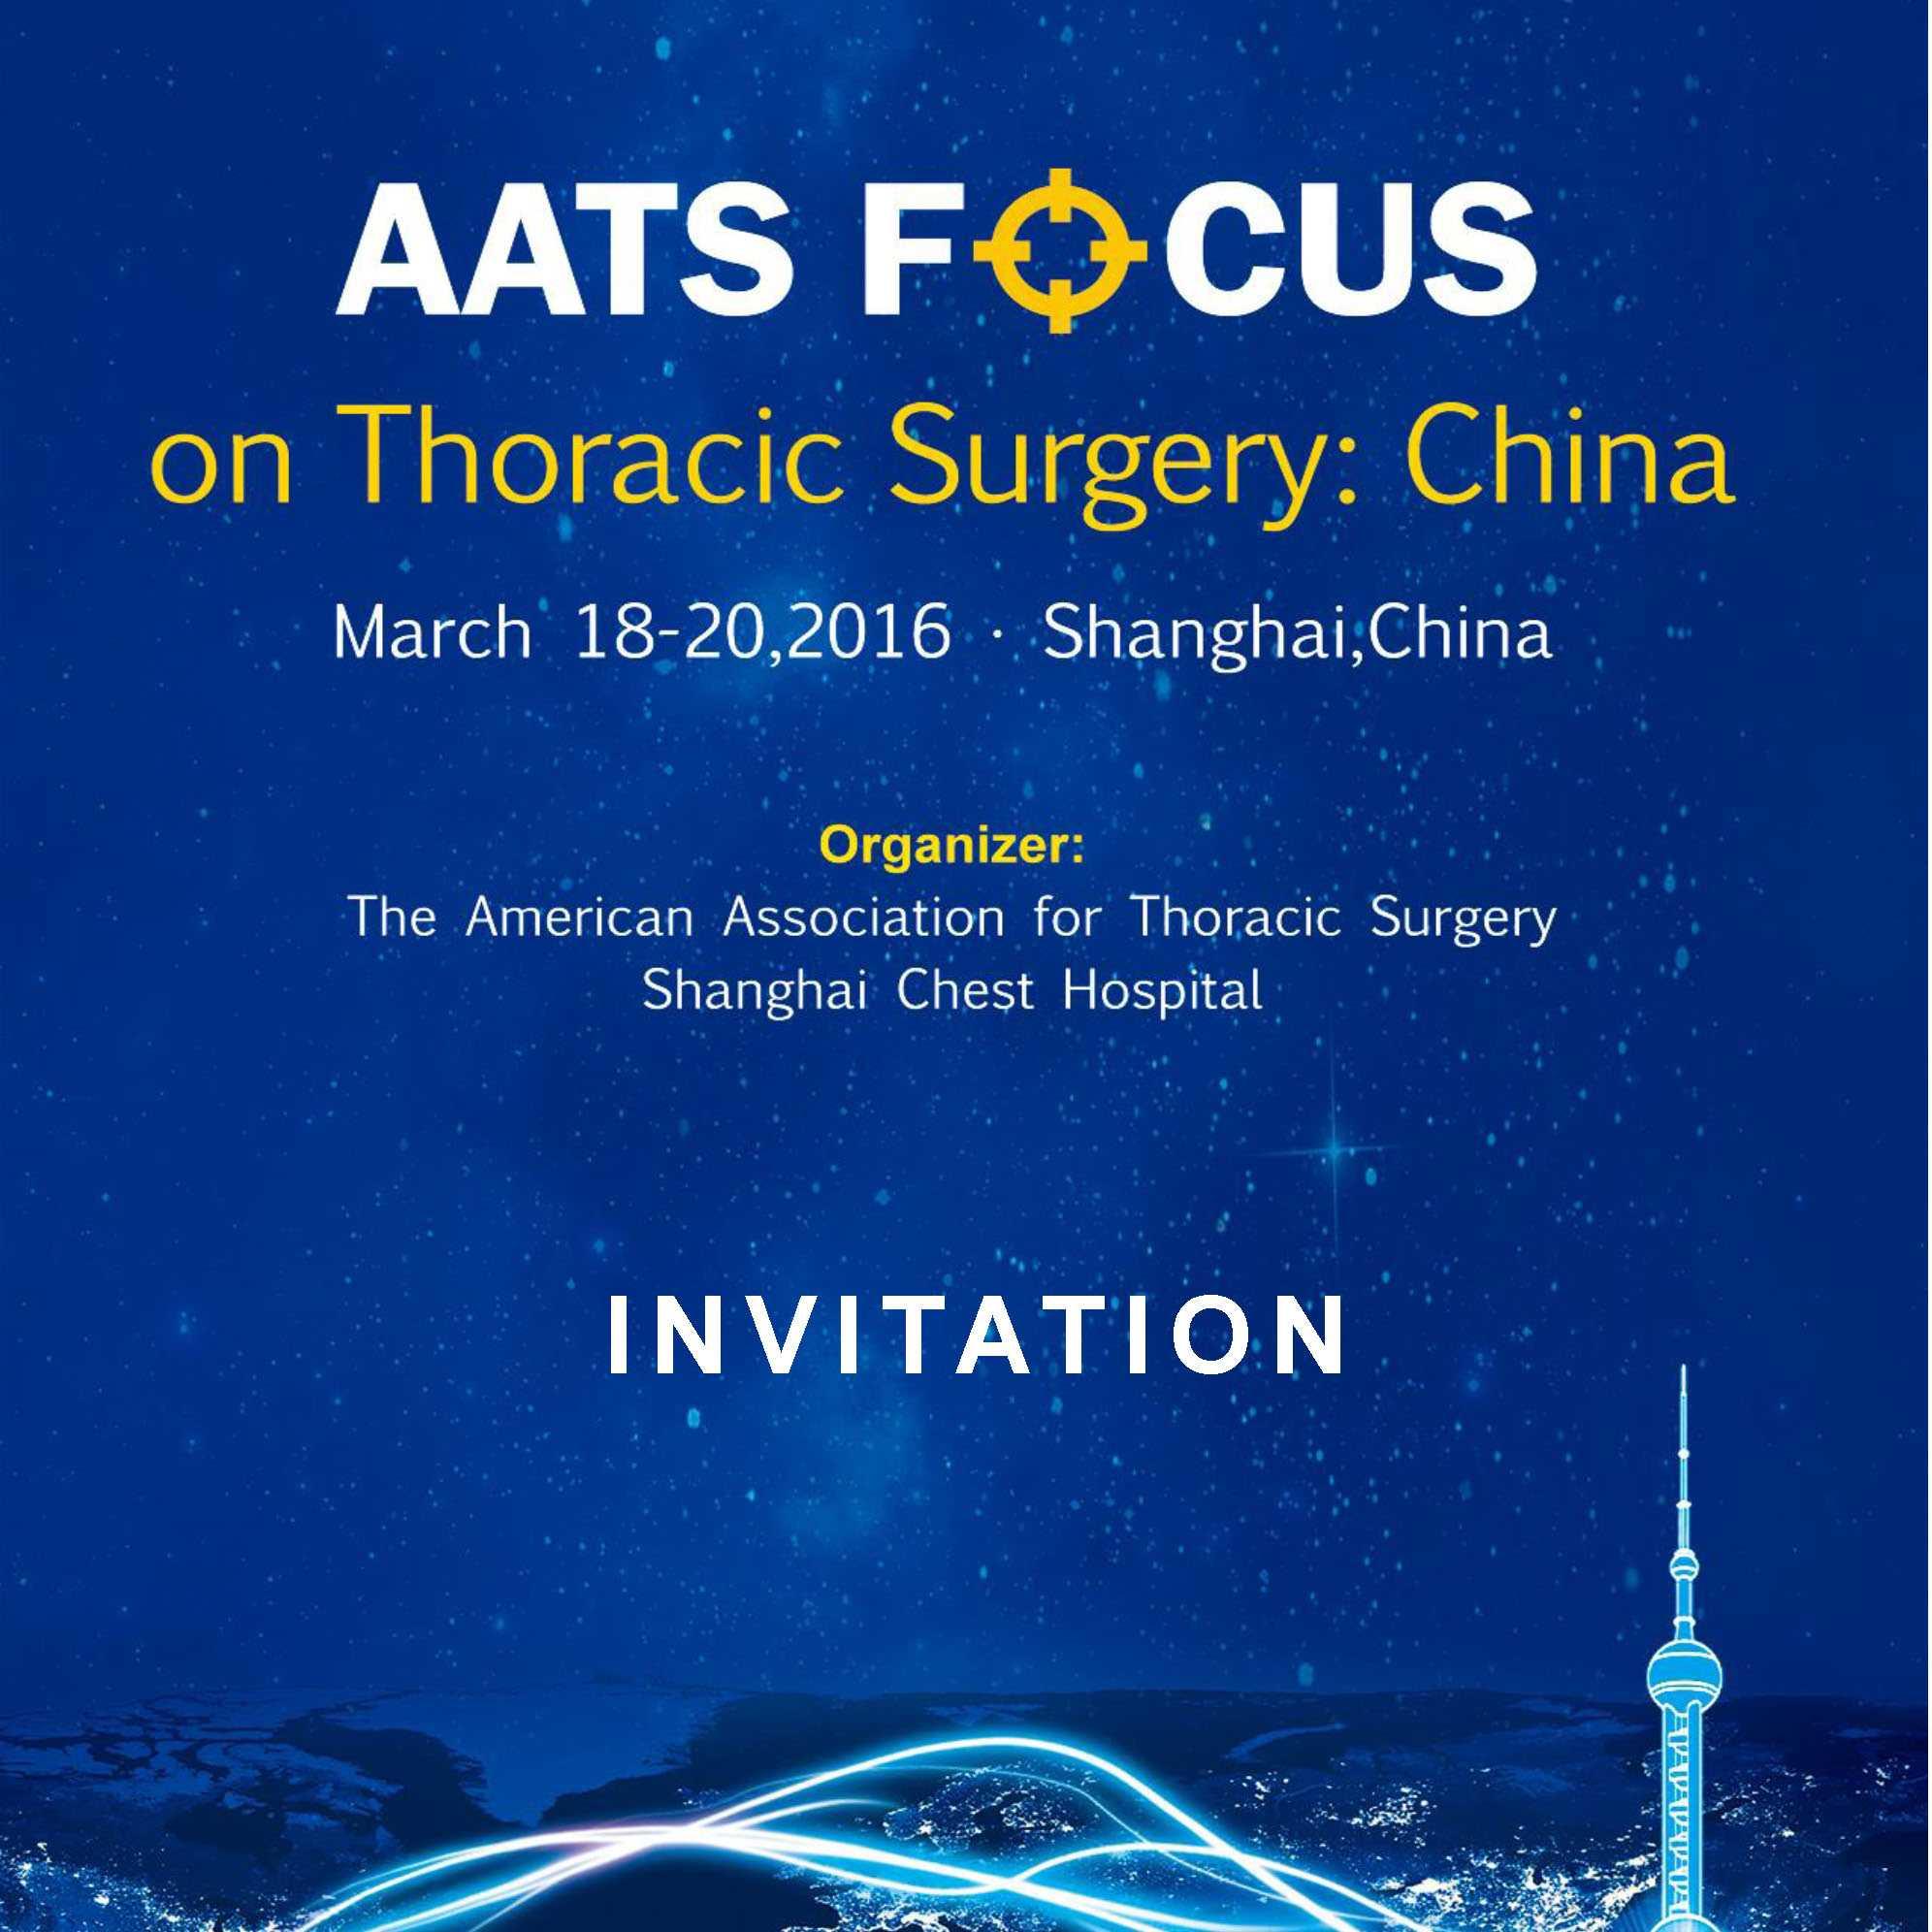 2016年美国AATS中国会场 - 关注胸外科